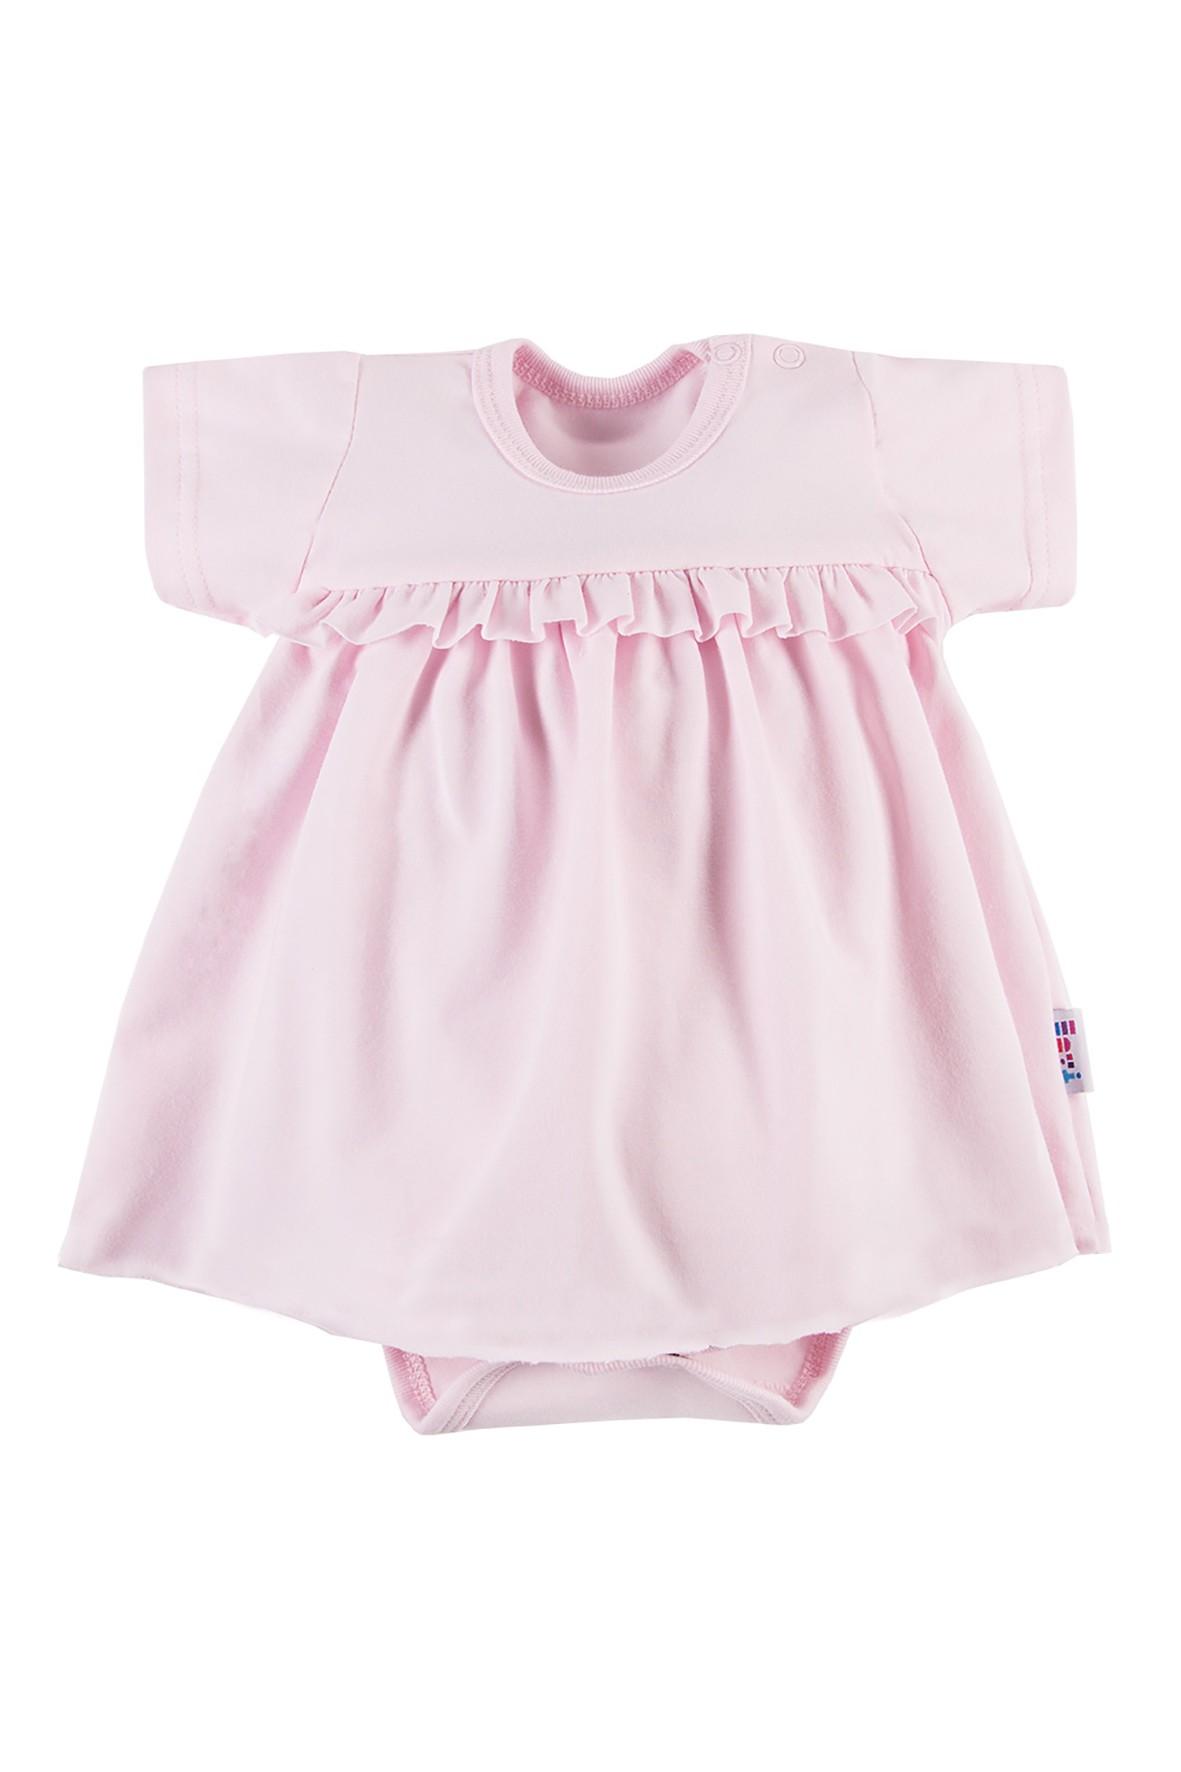 Bawełniane body-sukienka NATURE - różowa